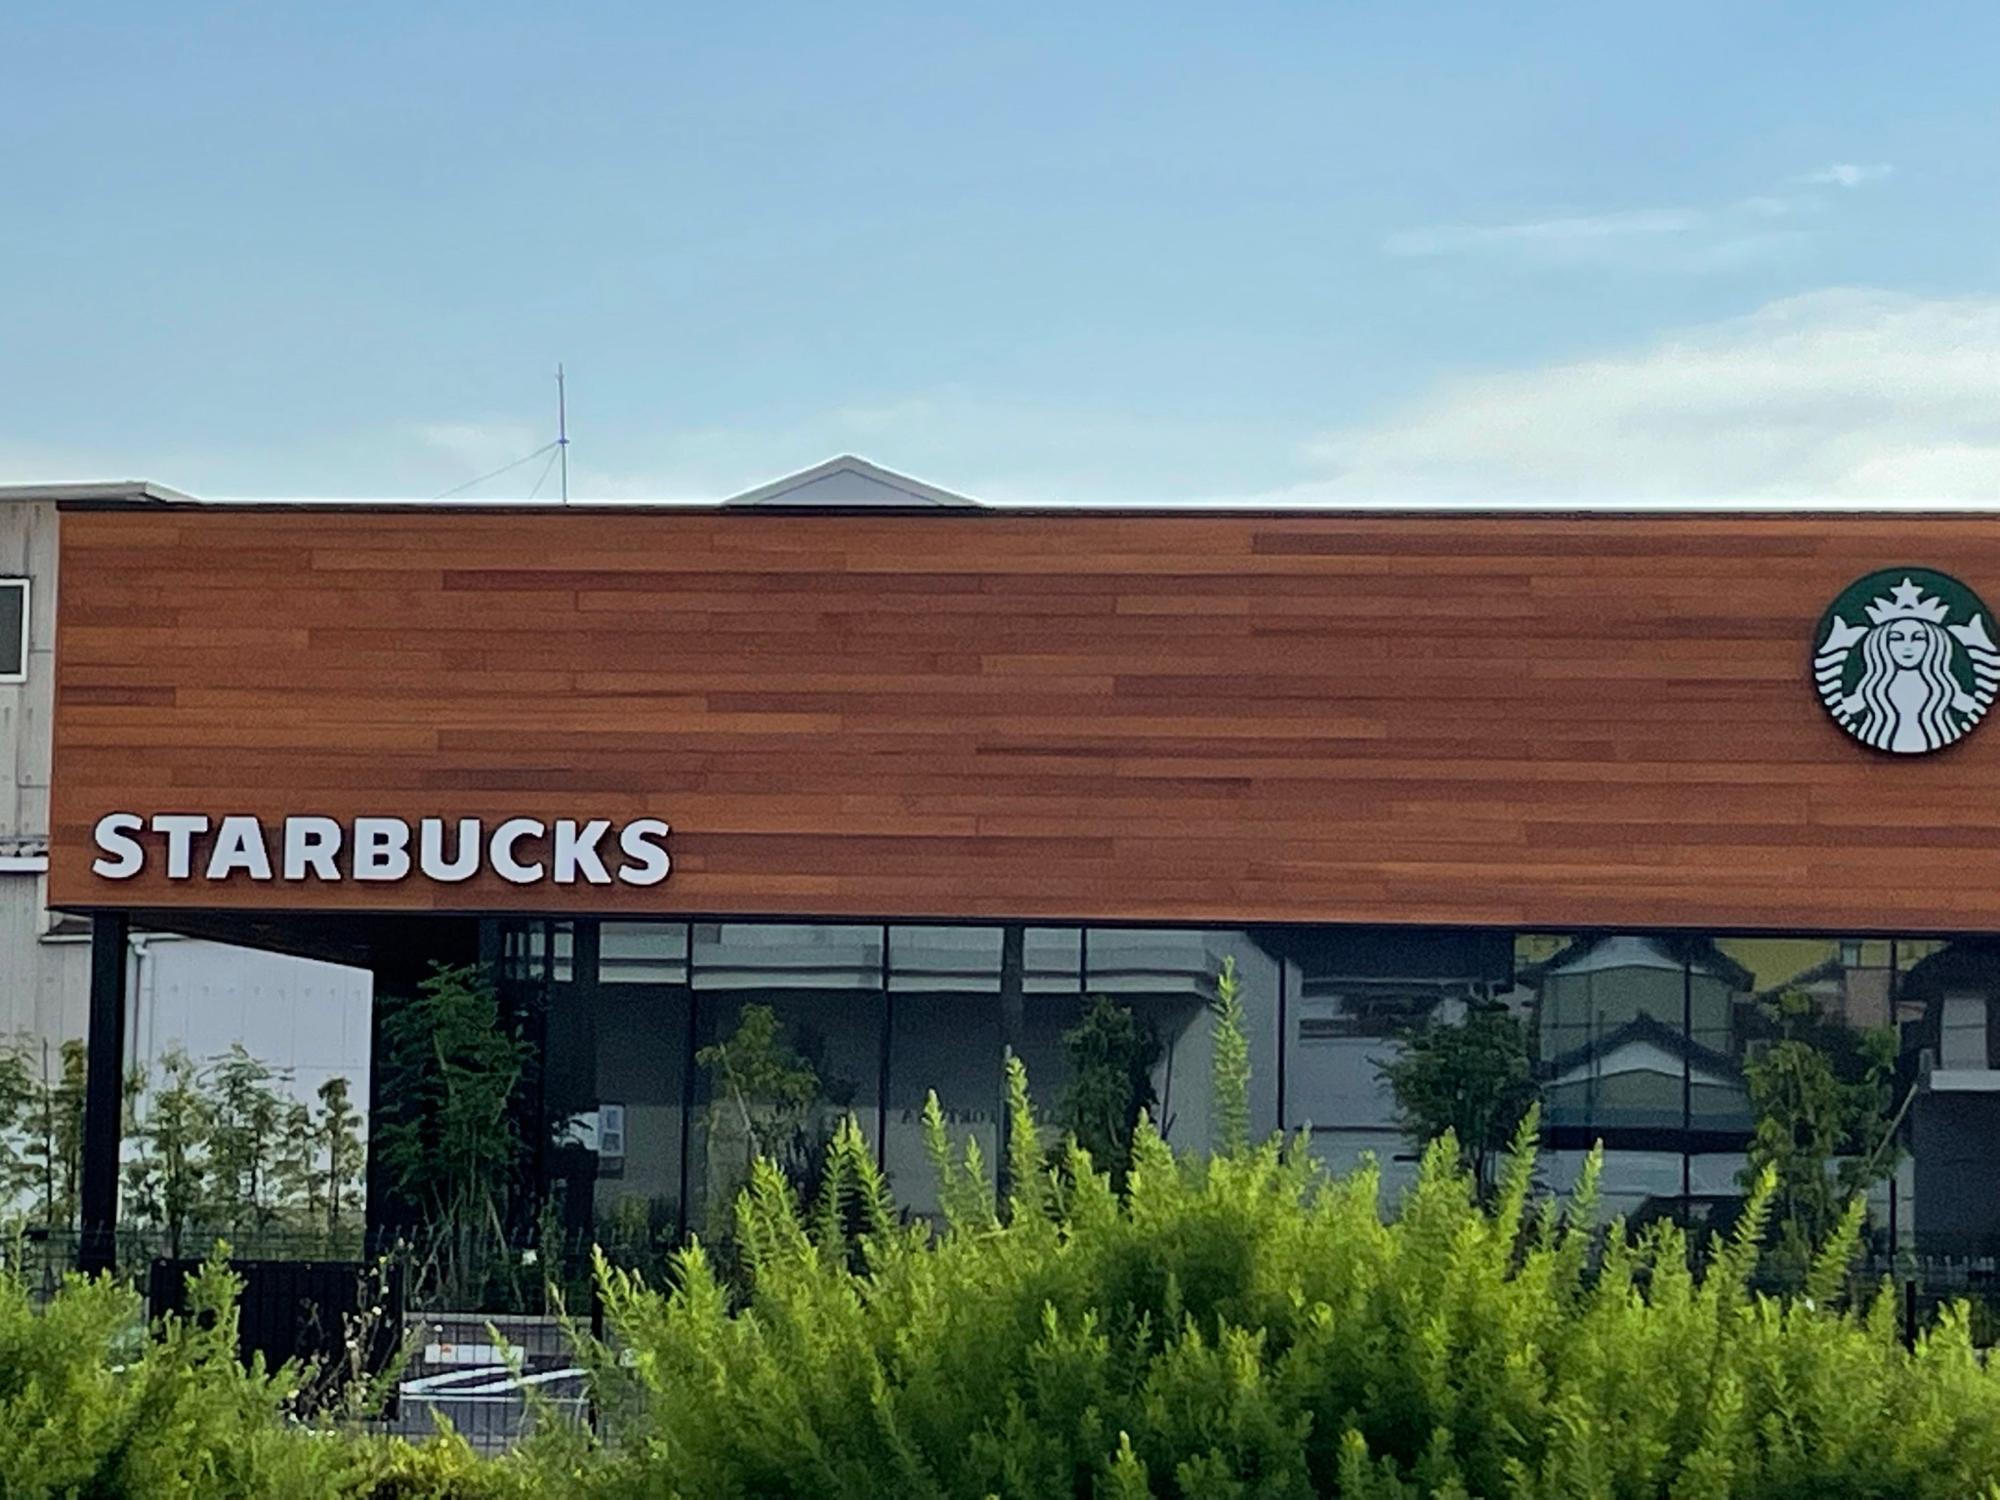 2021年7月6日(火)にオープンしたスターバックスコーヒー豊橋柱店